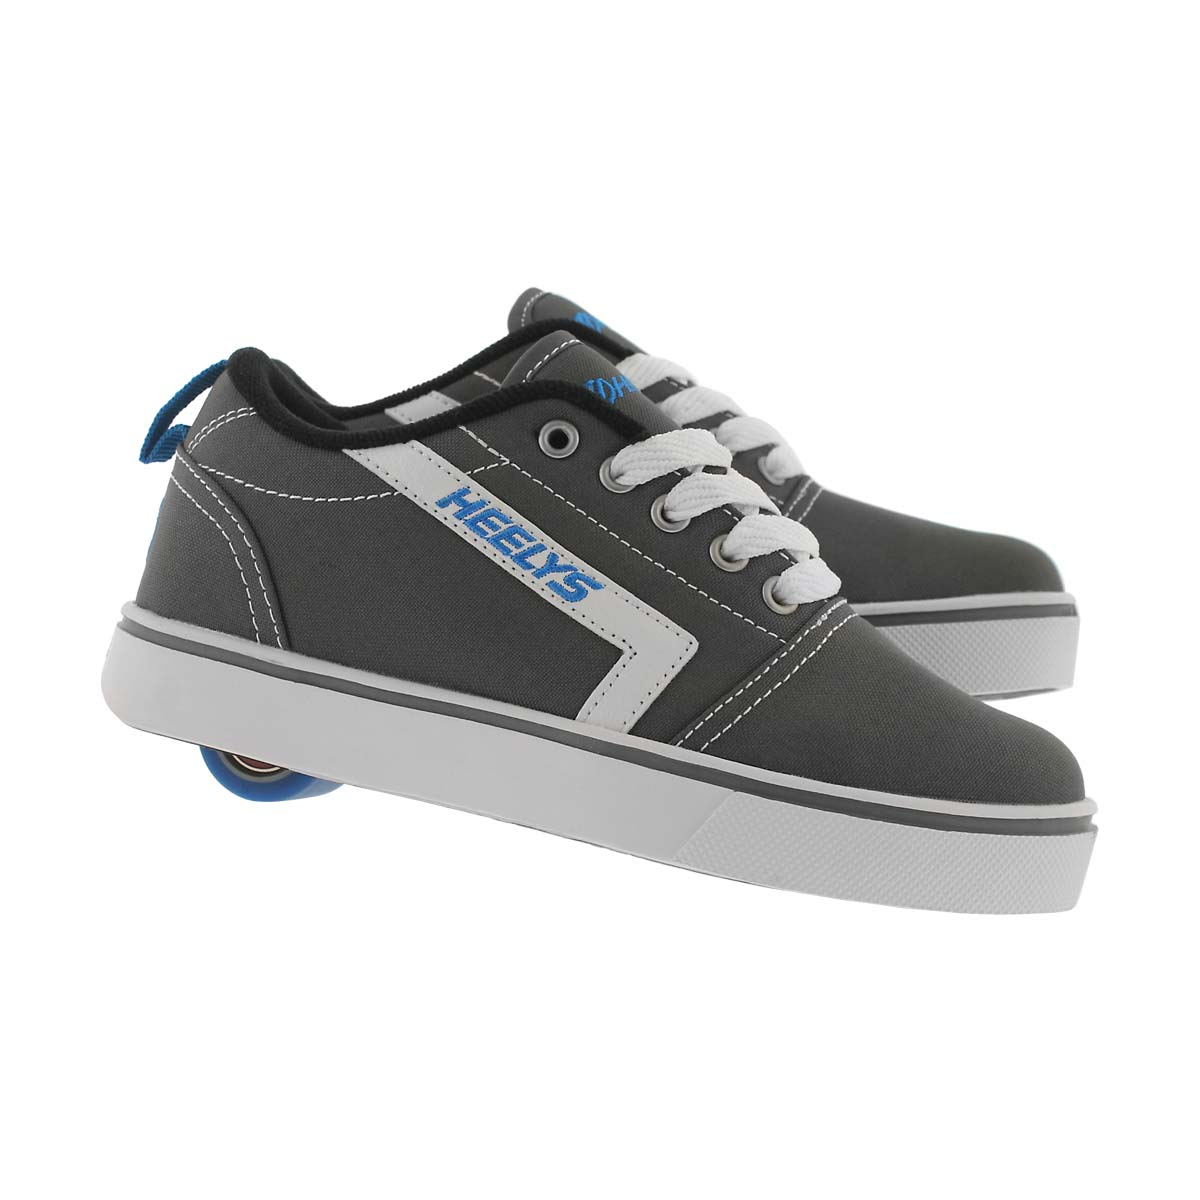 Bys Gr8 Pro gry/wht/blu skate sneaker